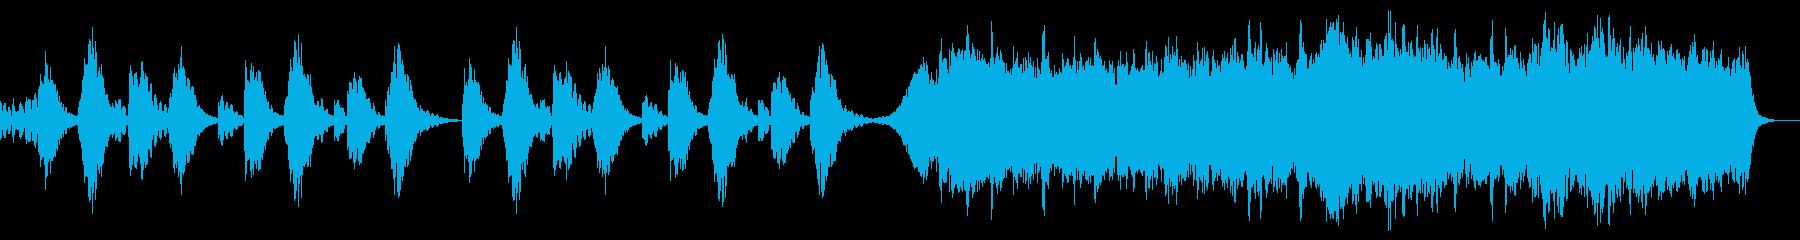 恋人を祝福する聖歌隊 ホワイトクリスマスの再生済みの波形